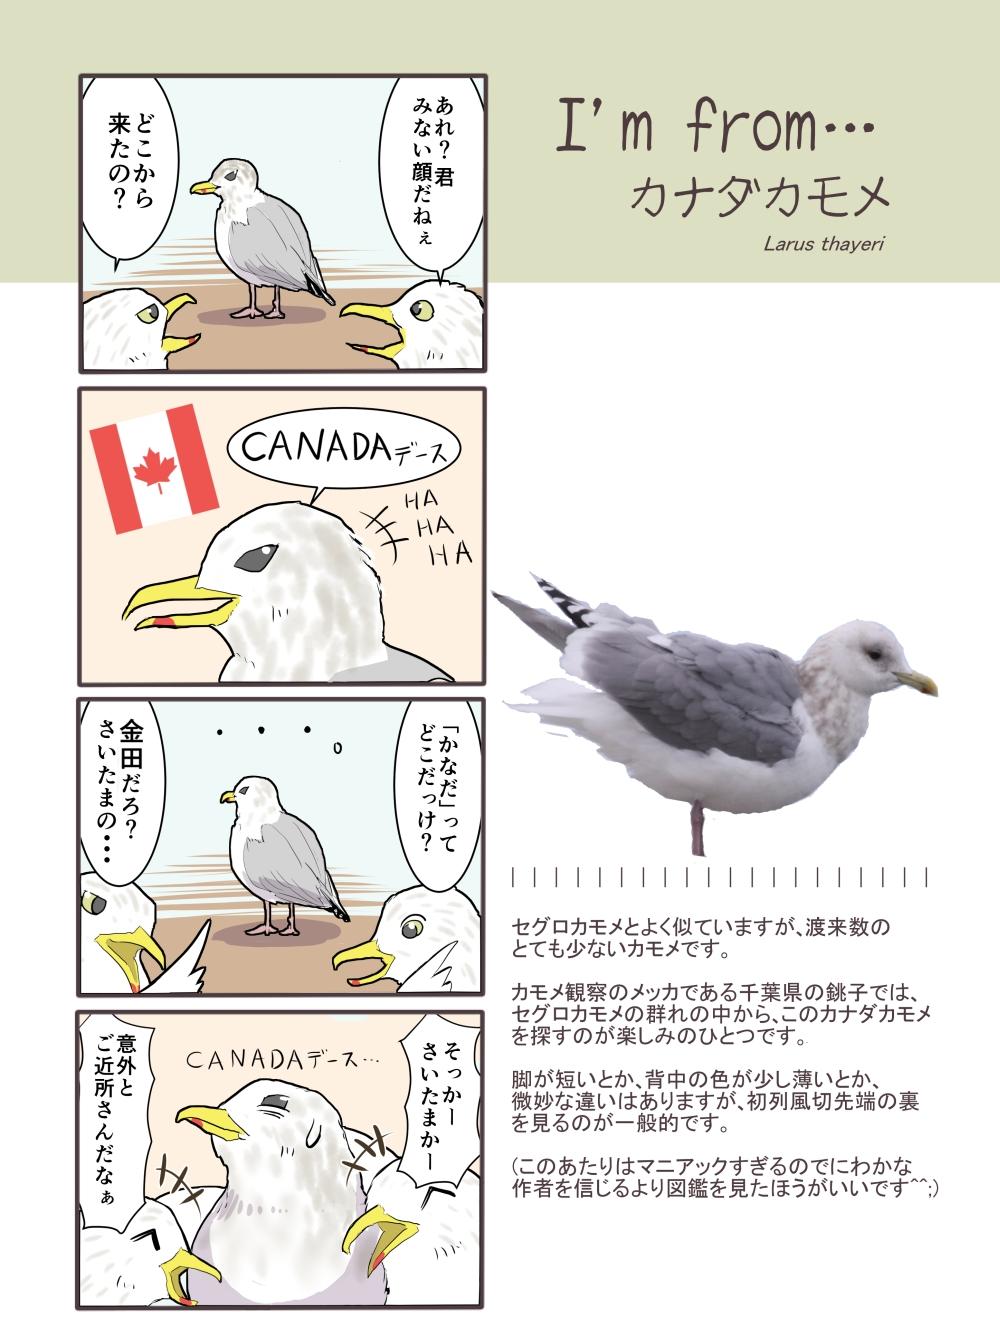 カナダカモメ